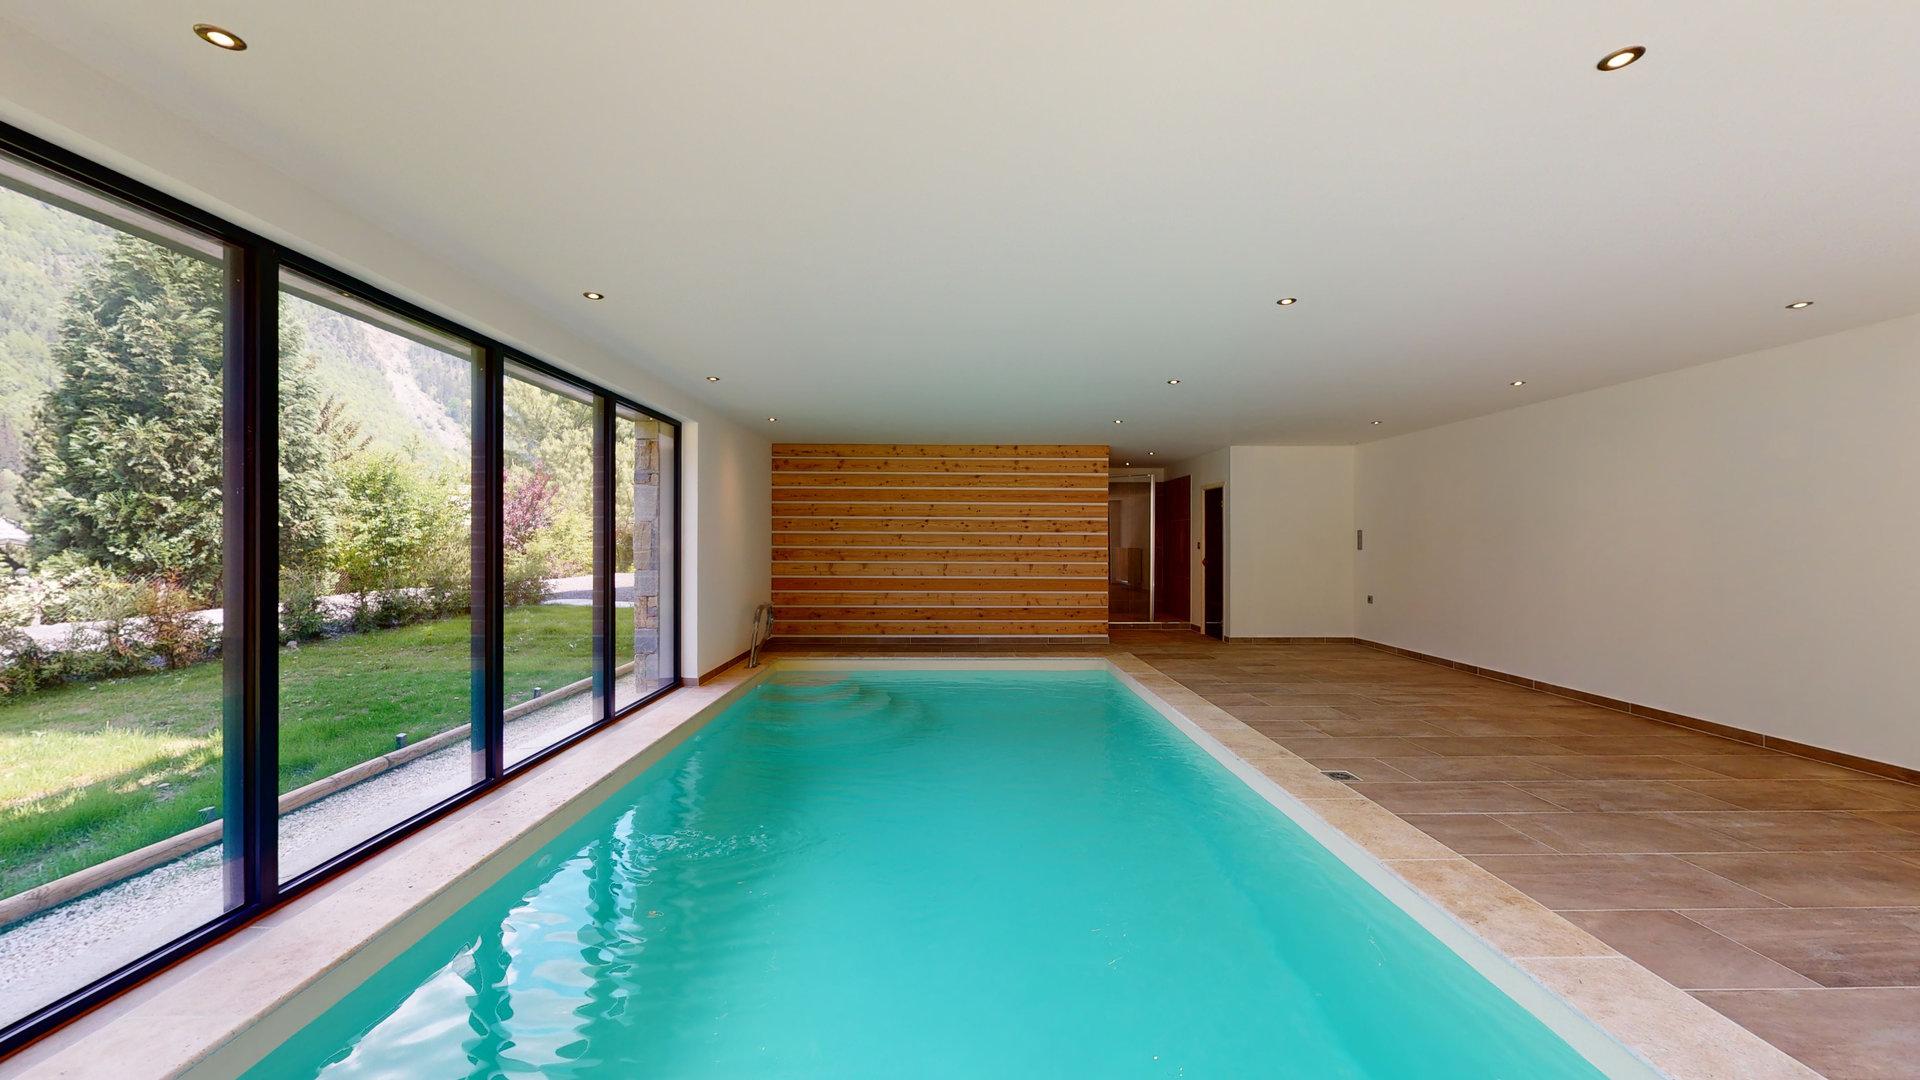 Nuovo chalet, 4 camere con bagno privato, Les Houches